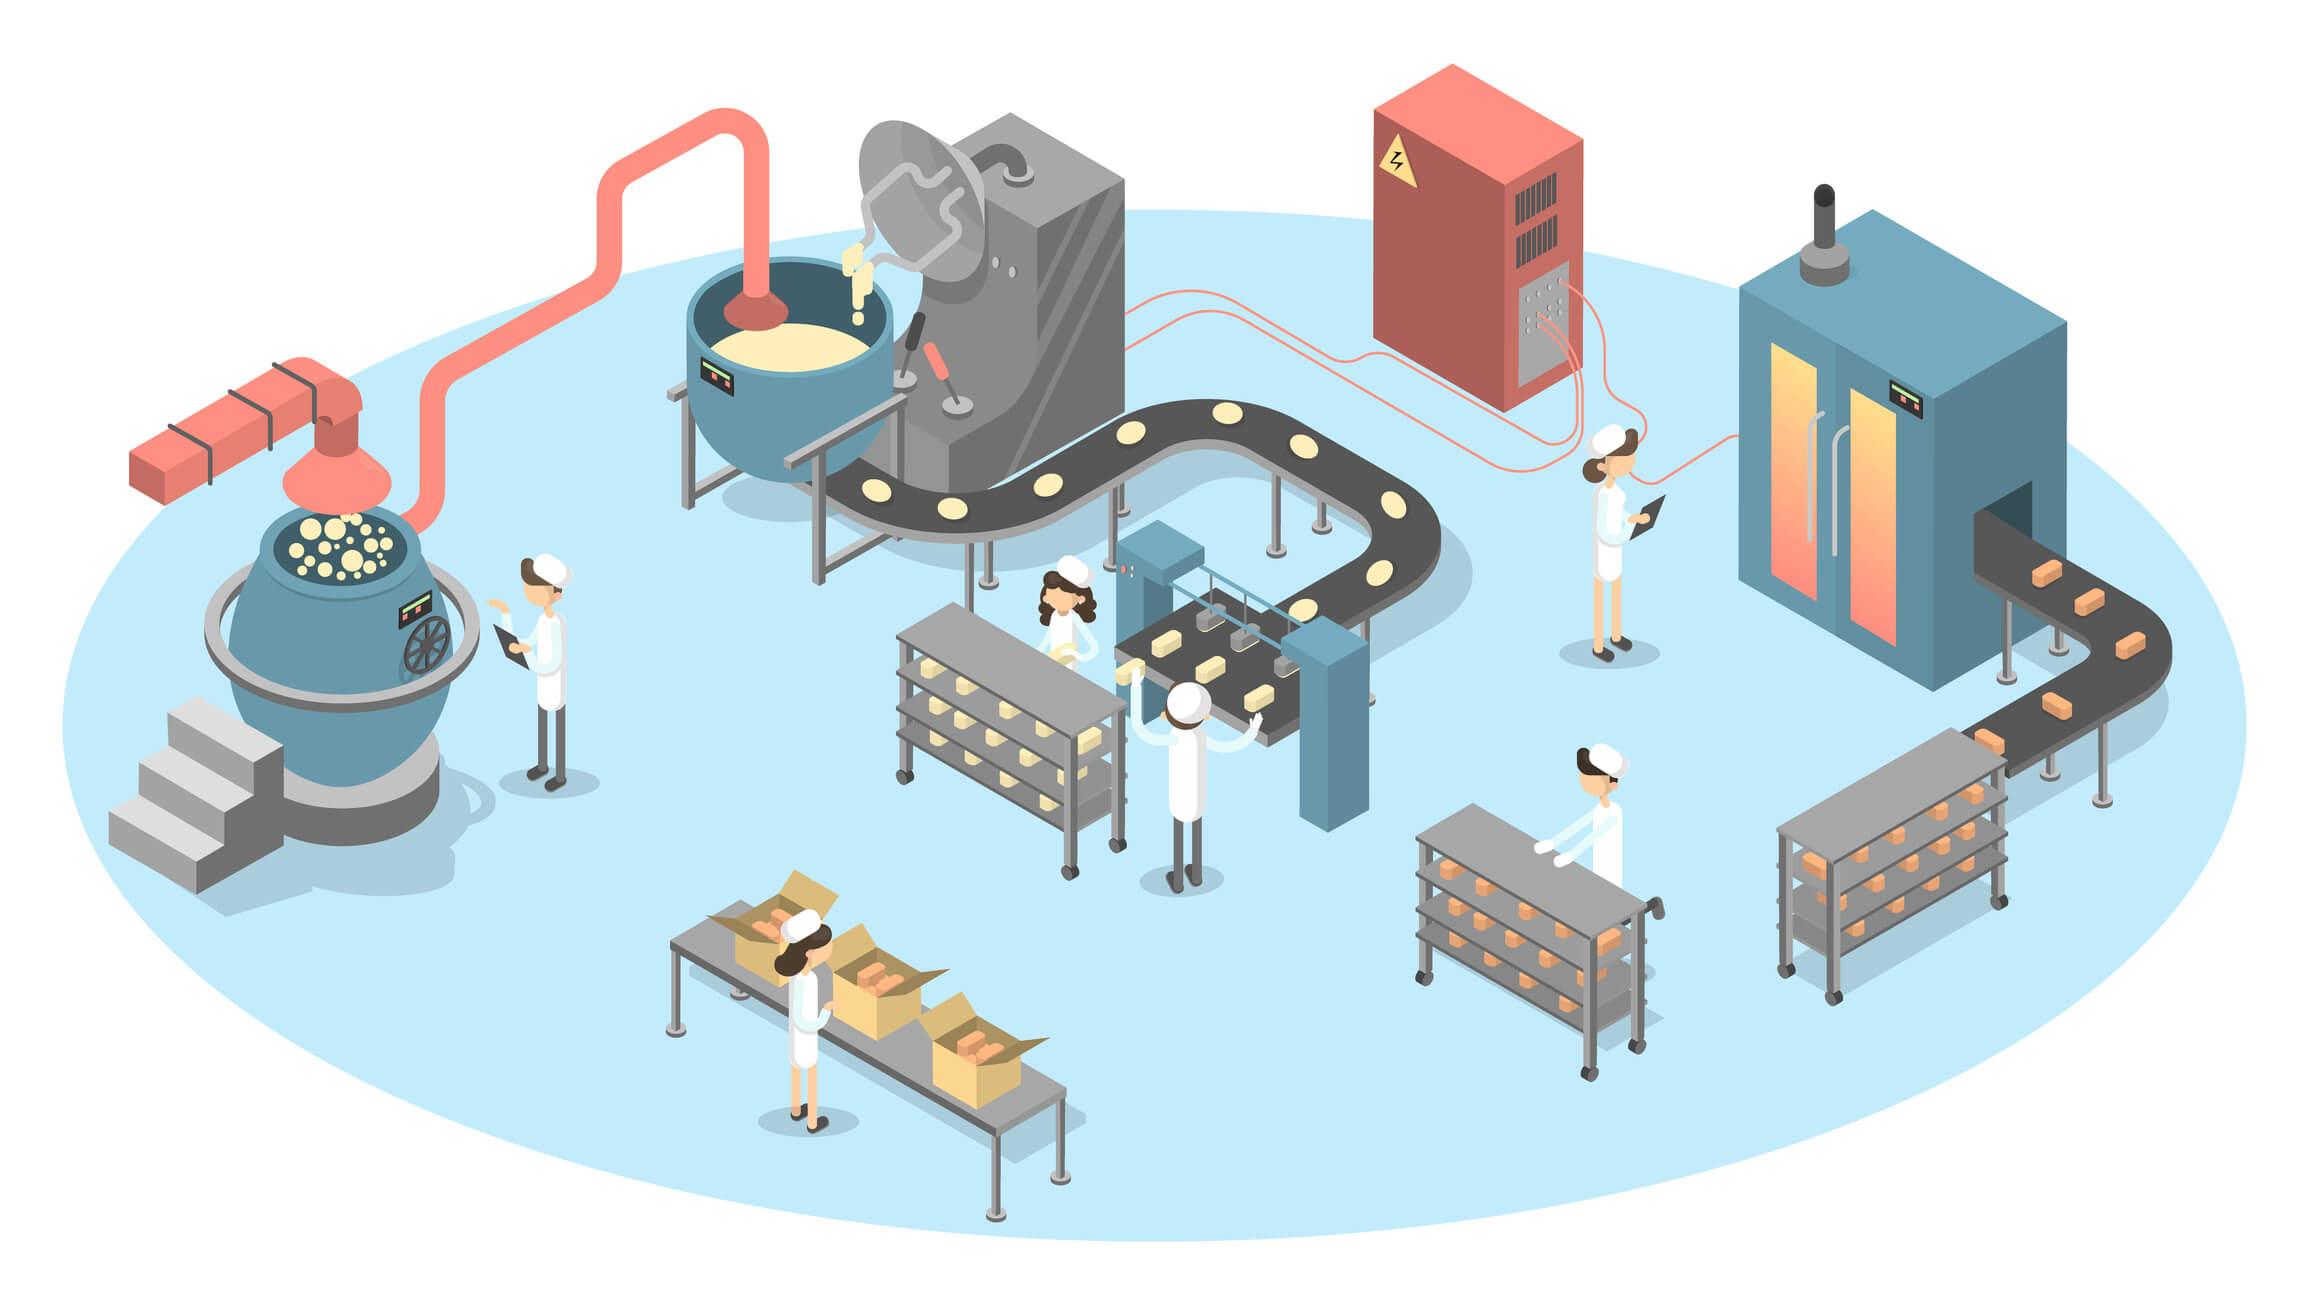 Modelo de industria que representa la gestión de la información en industria alimentaria